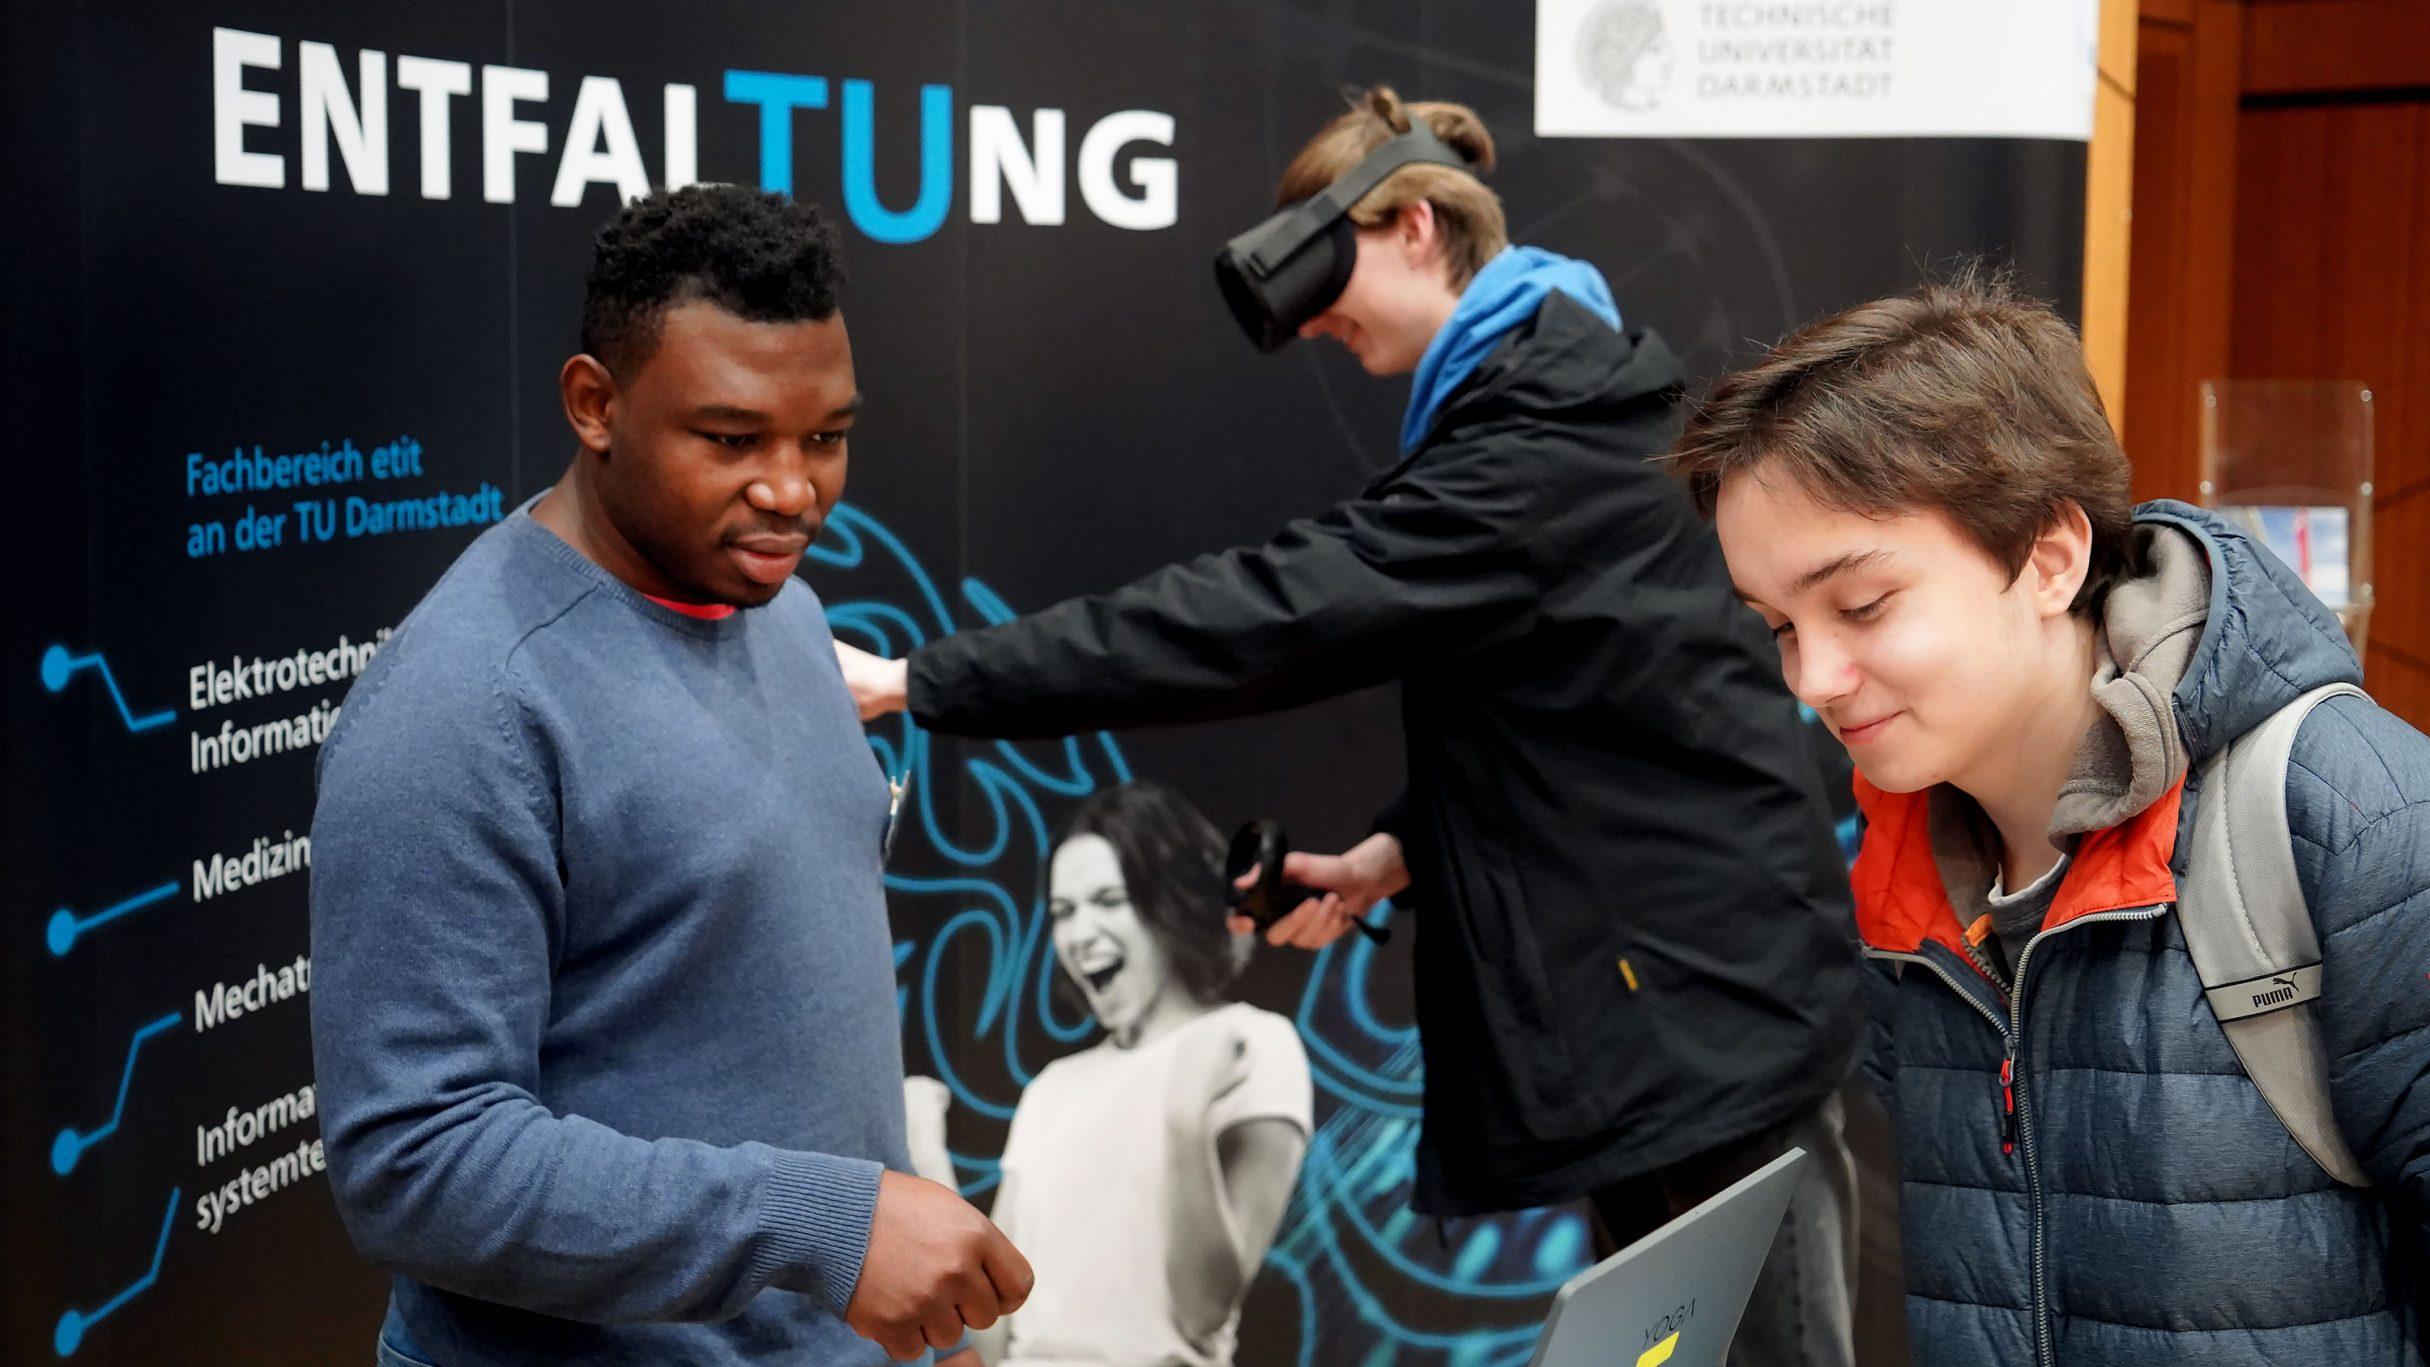 Hochschulmarketing mit VR-Game und Messedesign für TU Darmstadt: DIE NEUDENKER, Full Service Agentur Darmstadt